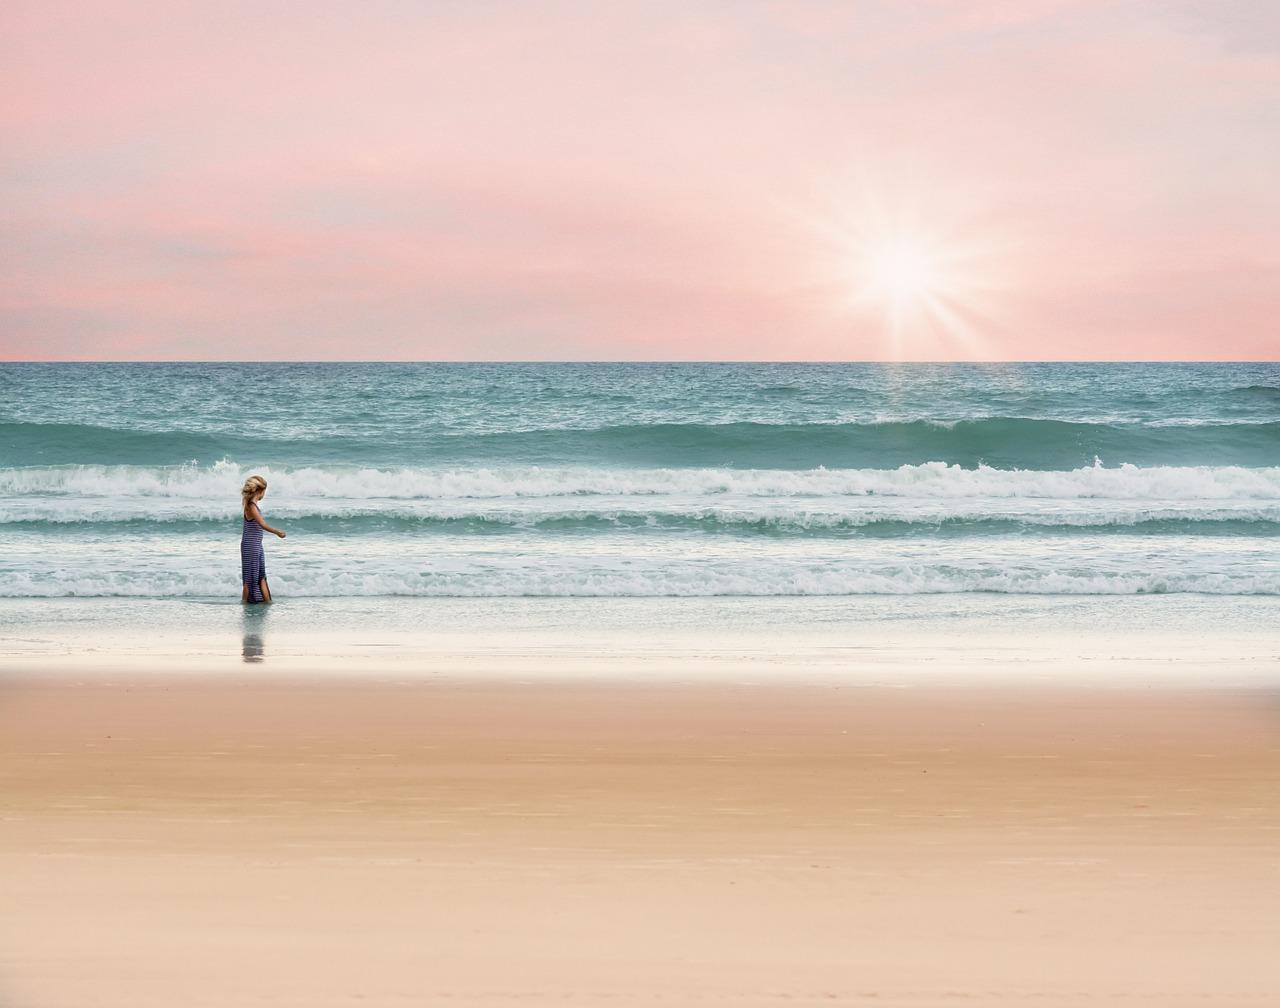 海でも日焼けから首を守るネックガード【マリンスポーツにオススメです】